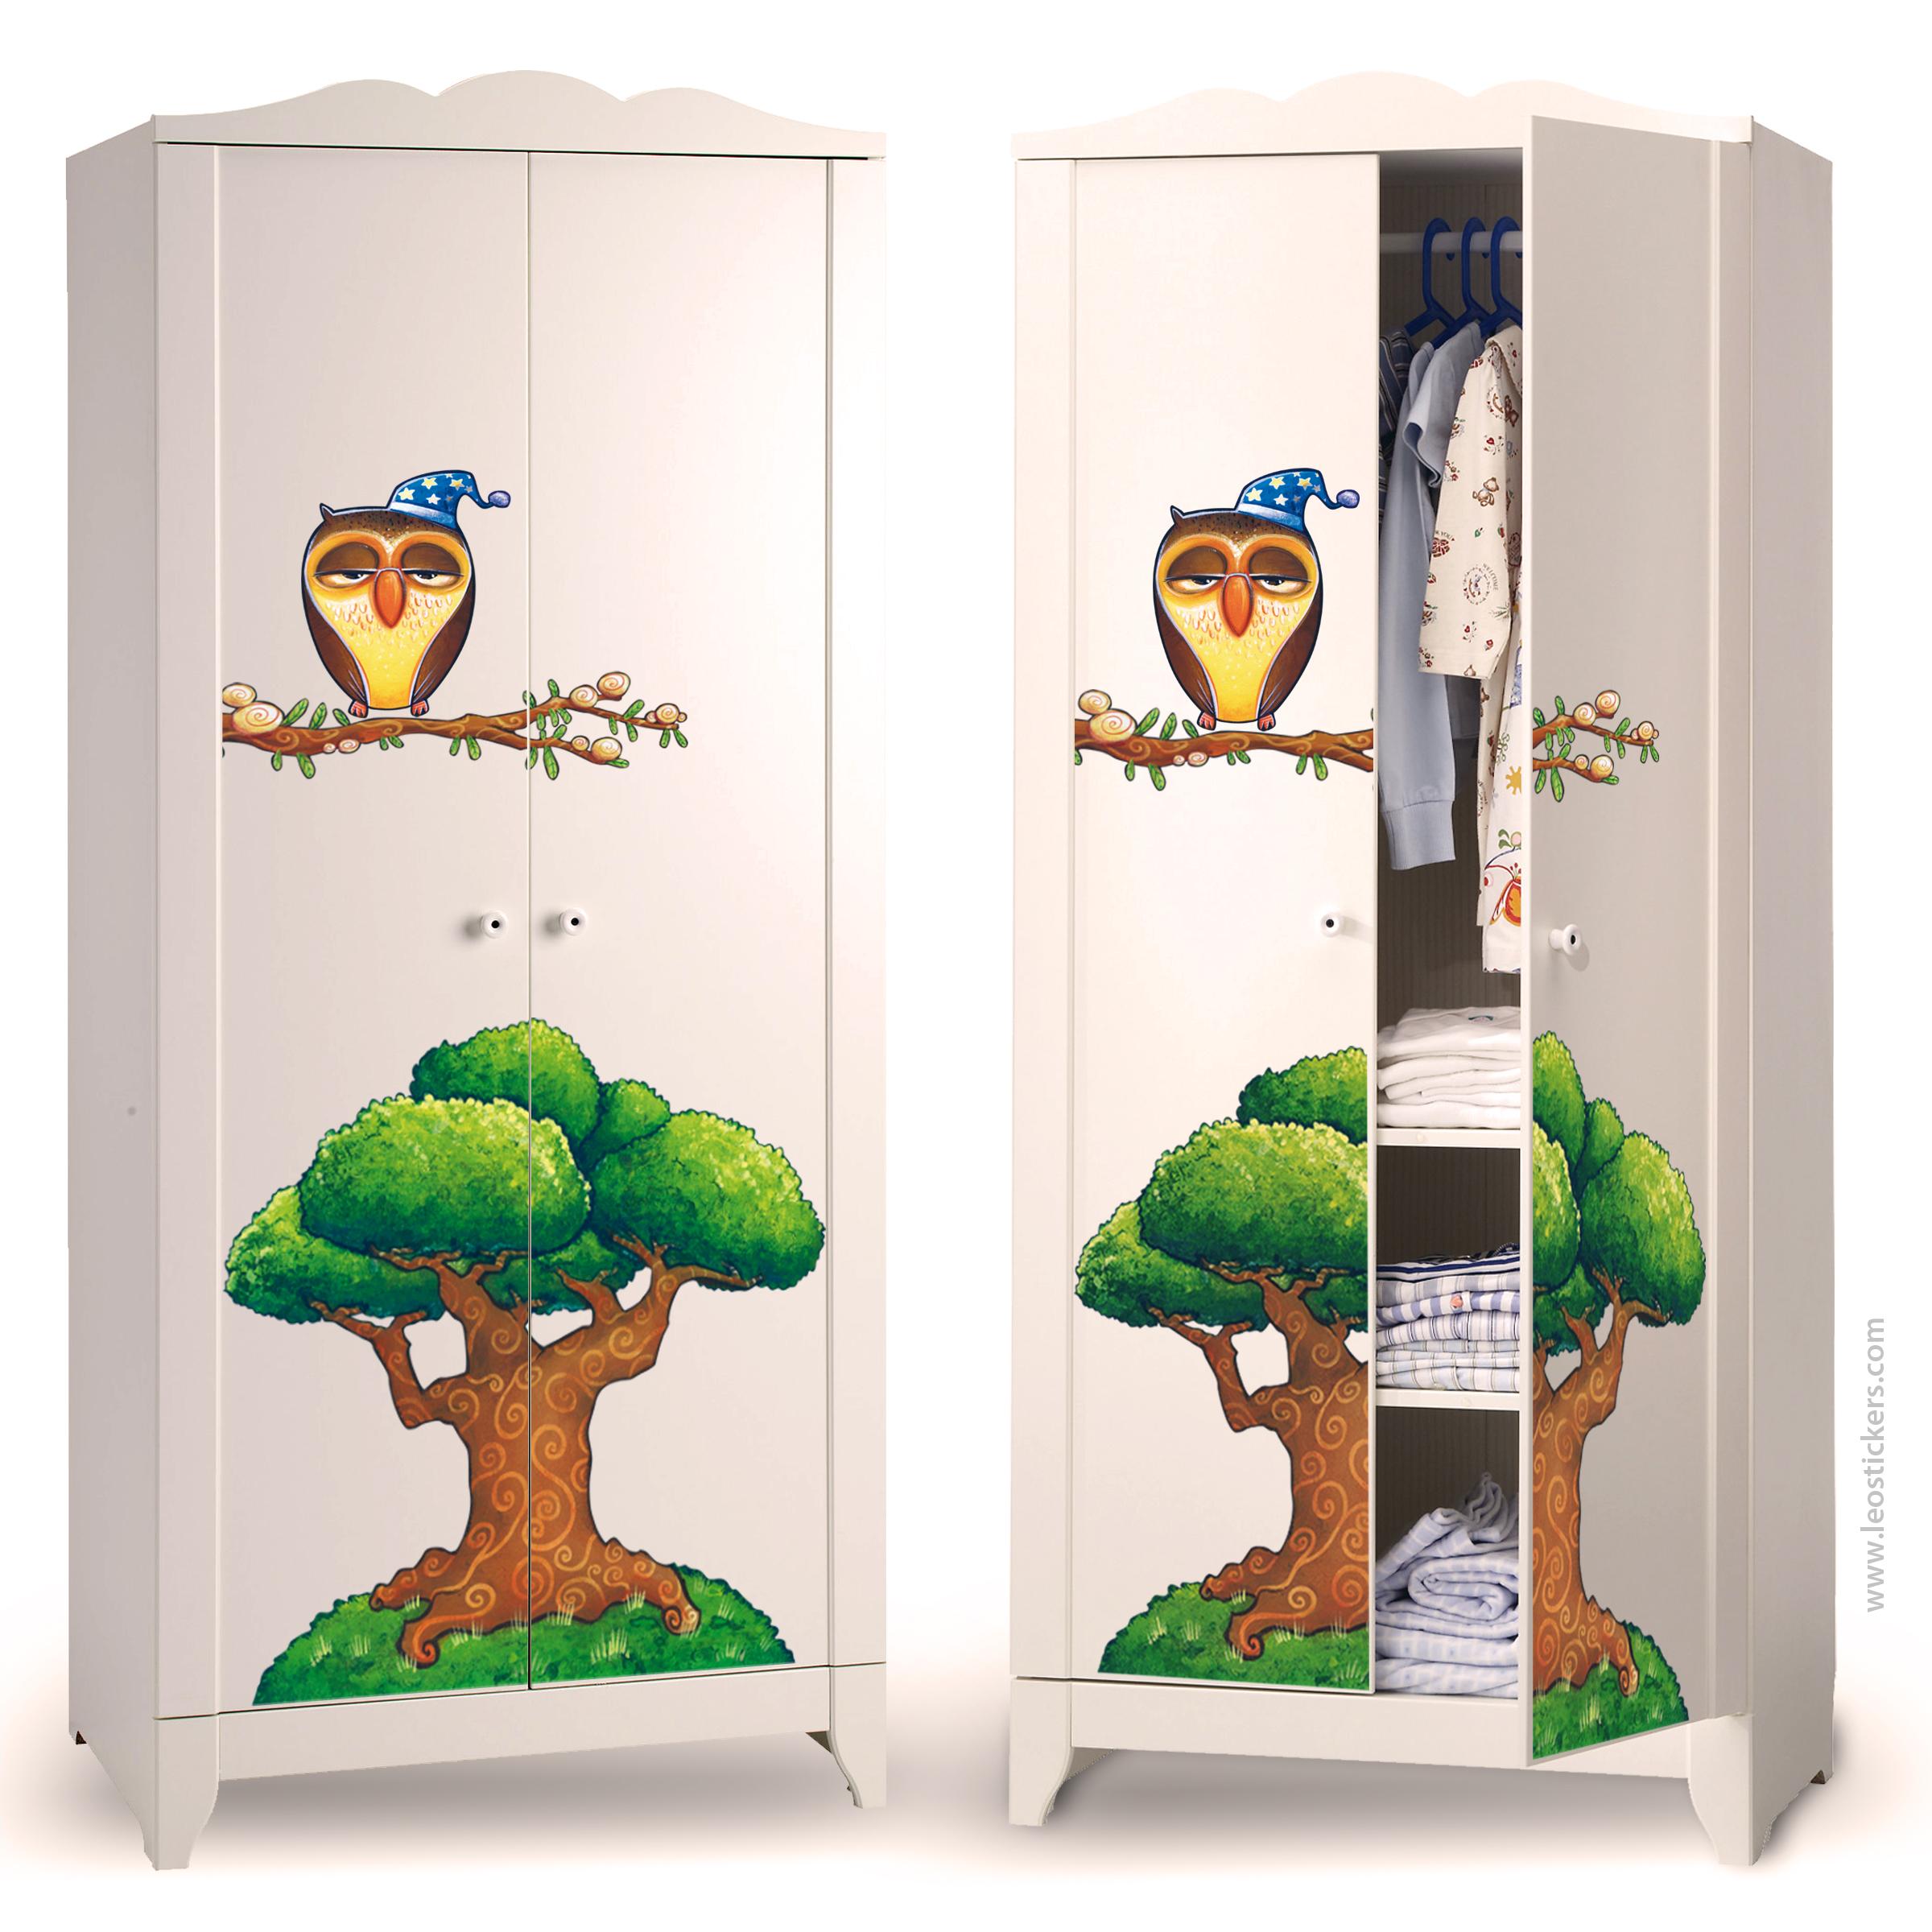 Adesivi per decorare i mobili dei bambini leostickers - Stickers bambini ikea ...